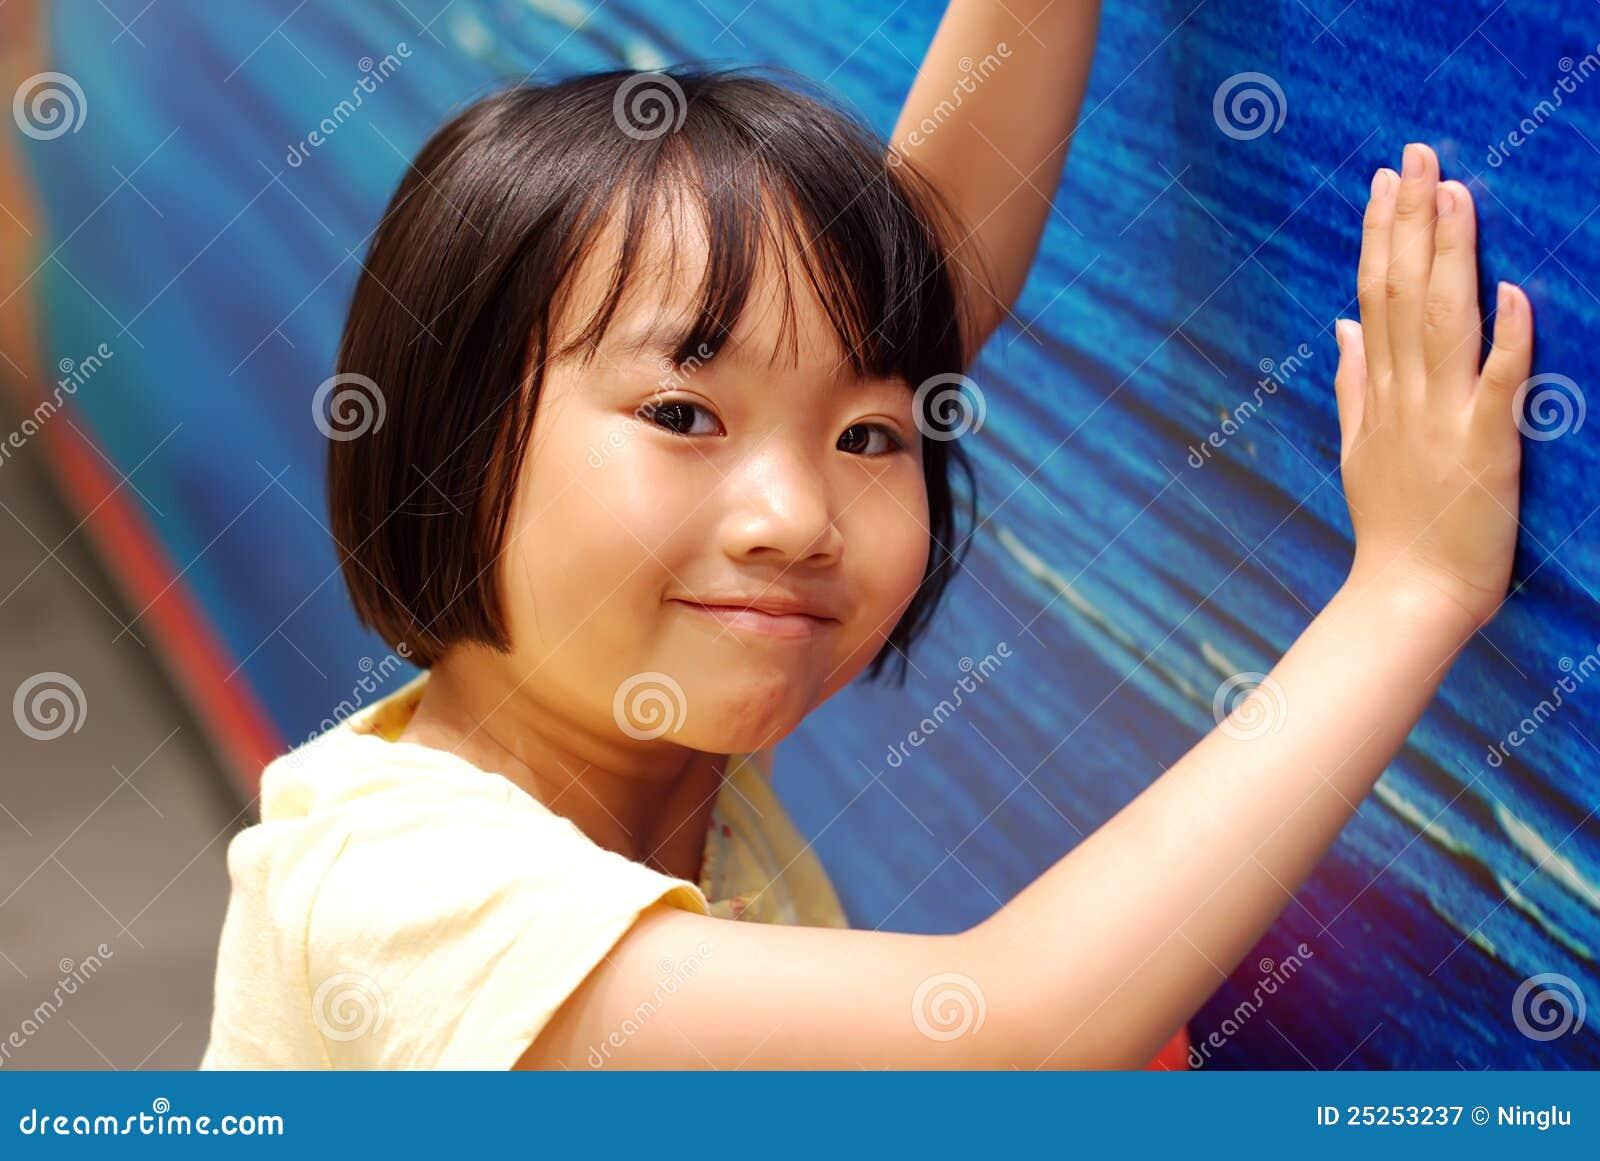 Cajero automático niña asiatica